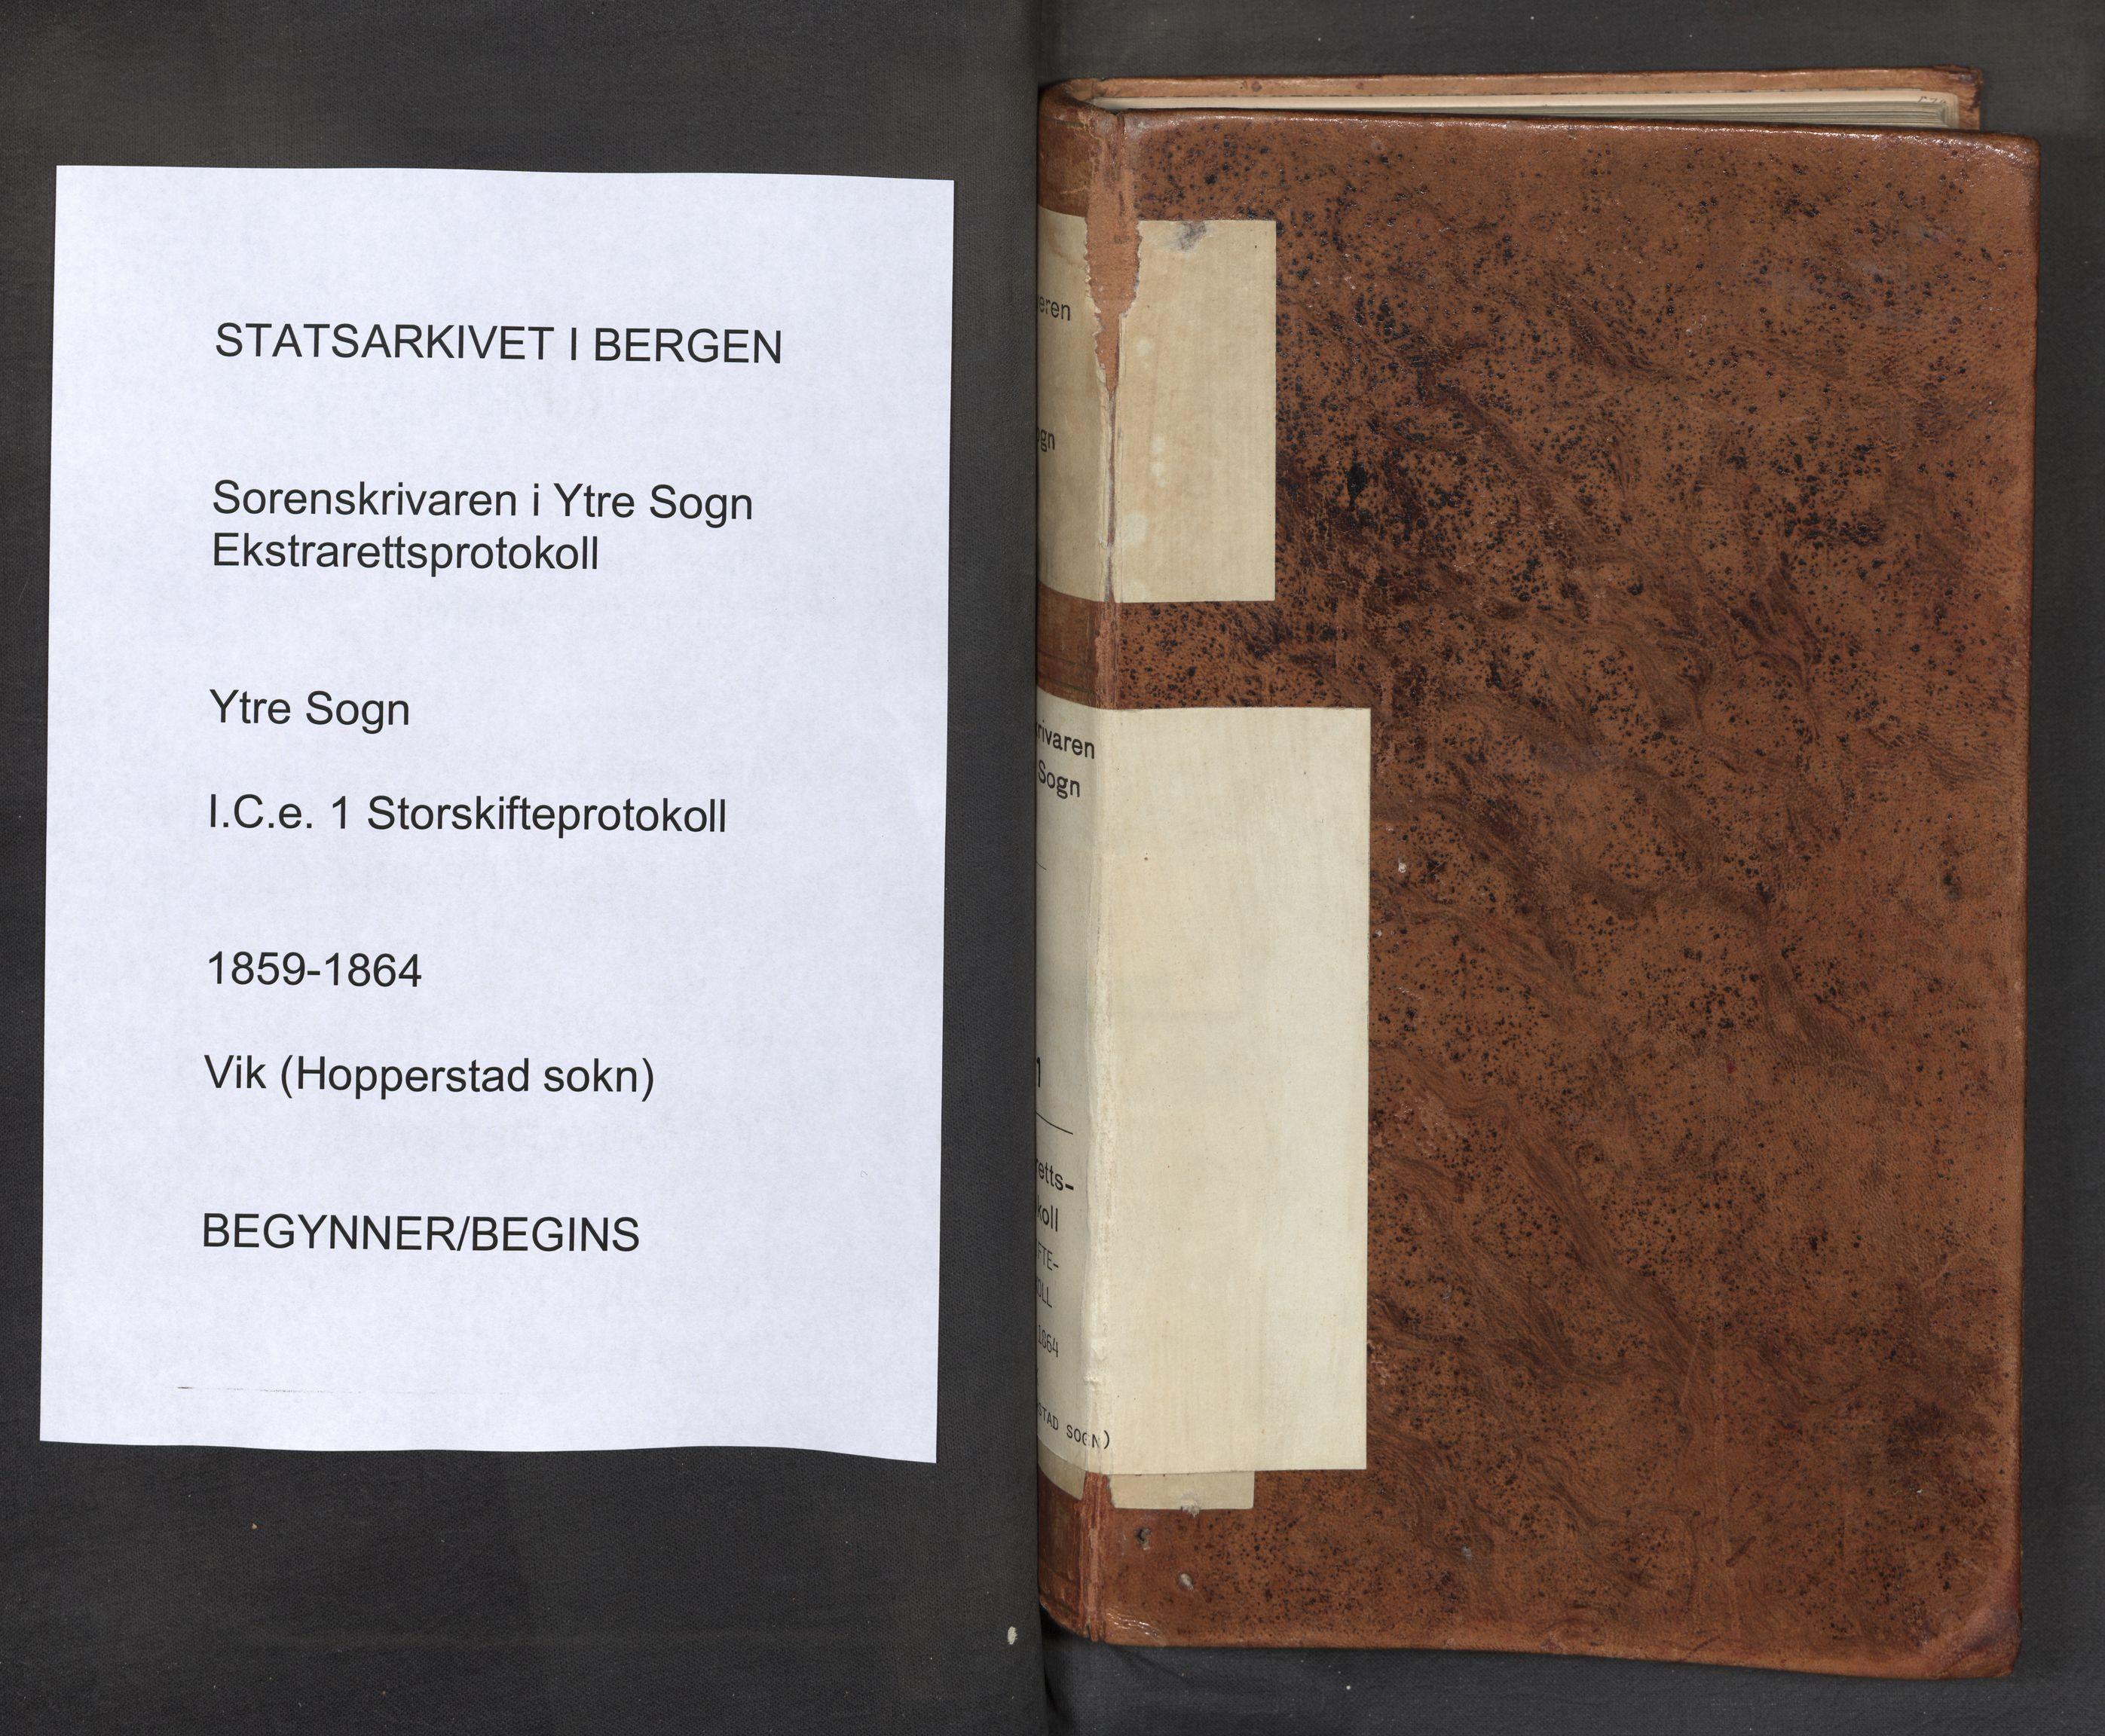 SAB, Ytre Sogn tingrett, F/Fce/L0001: Storskifteprotokoll, 1859-1864